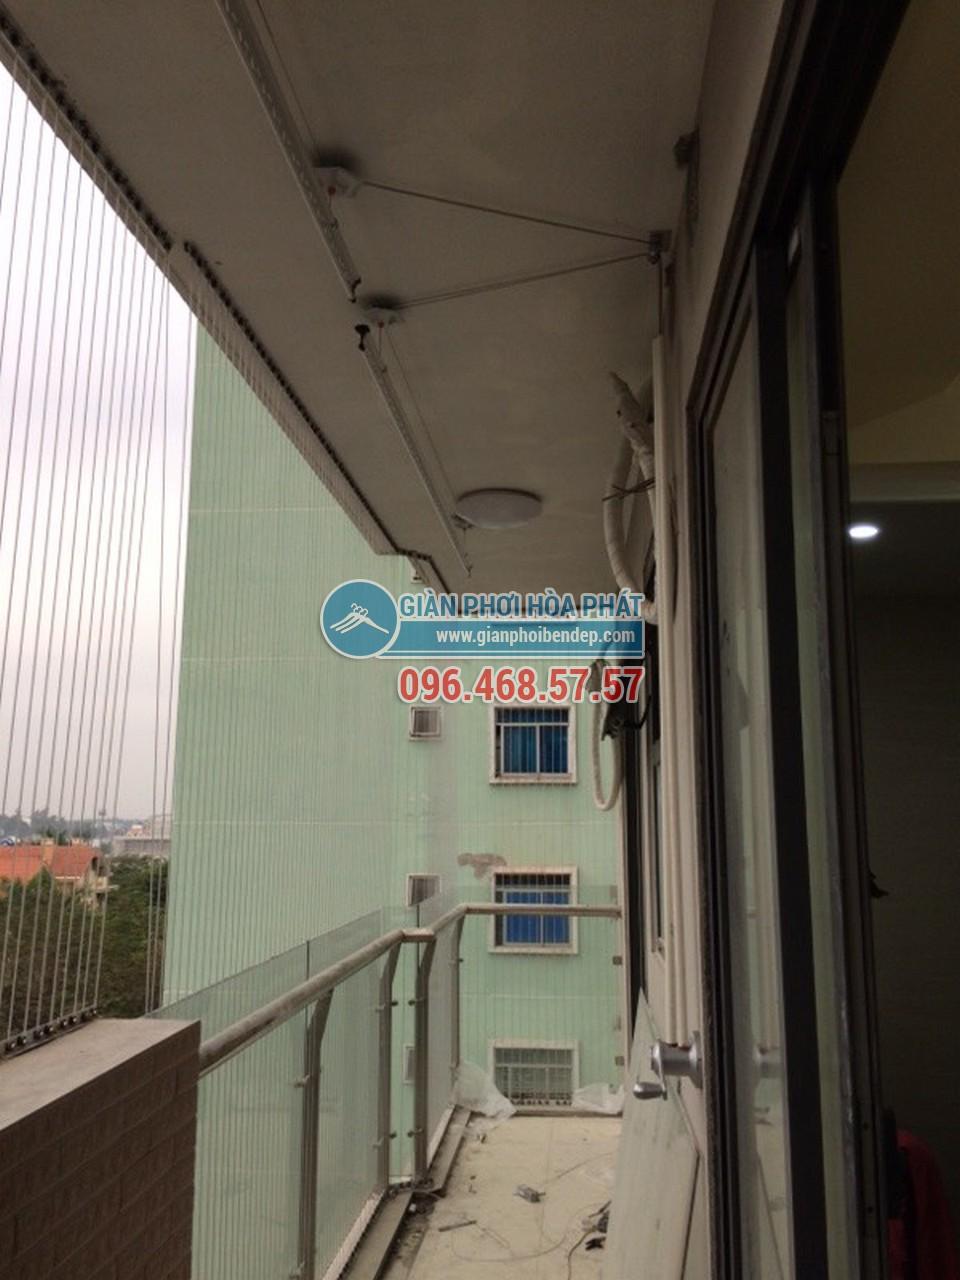 Lắp đặt giàn phơi thông minh cho ban công dài hẹp nhà anh Nam, tòa HH4 Linh Đàm - 05